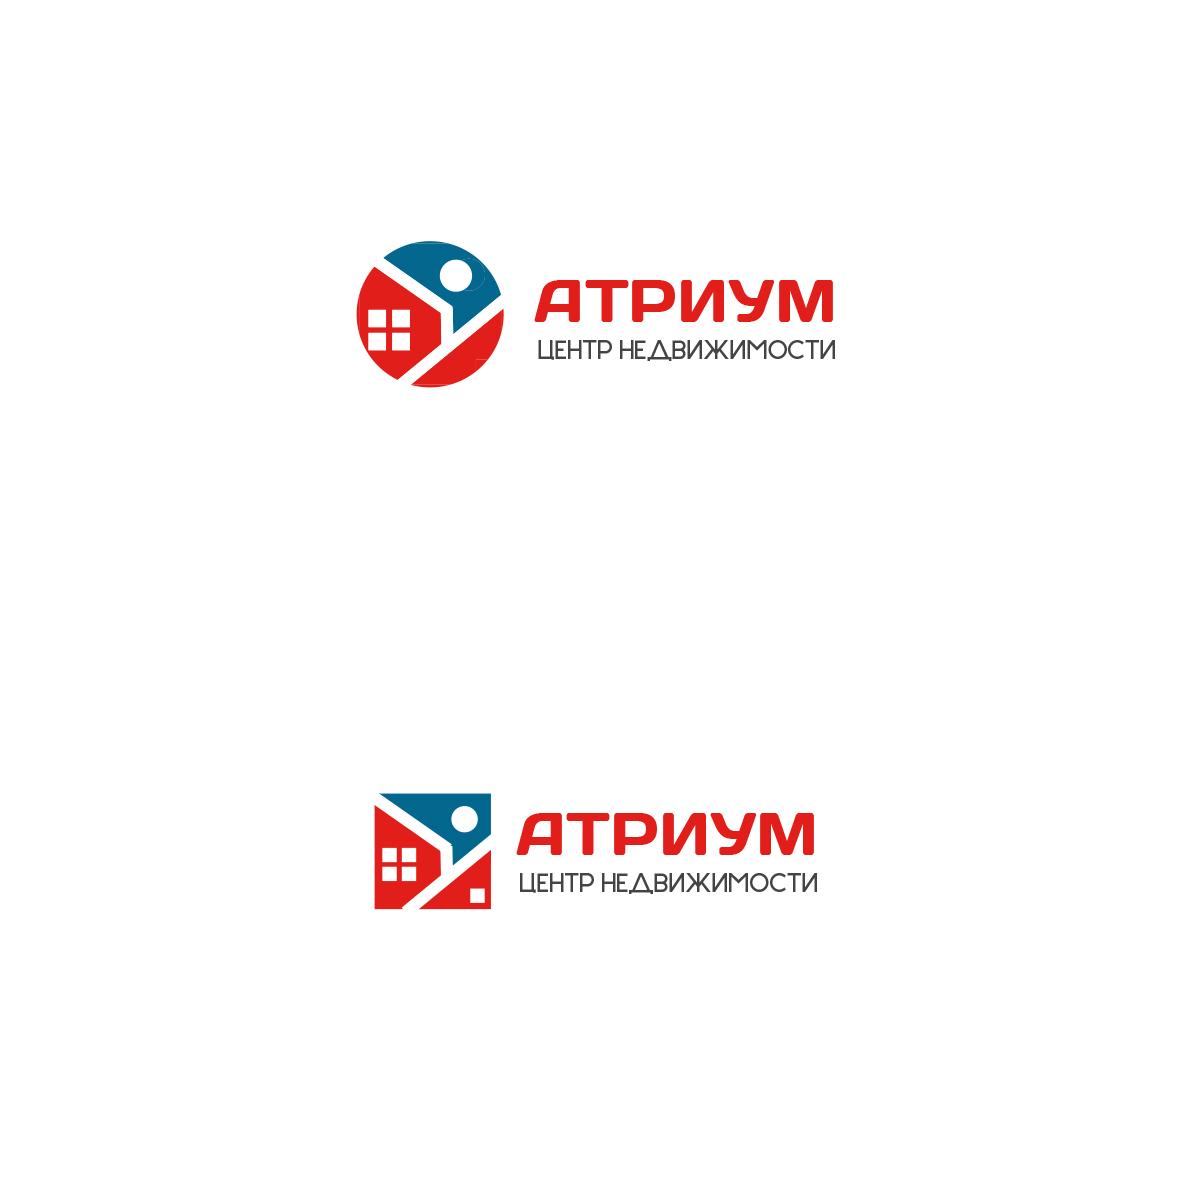 Редизайн / модернизация логотипа Центра недвижимости фото f_5745bc8a447e6dd5.jpg